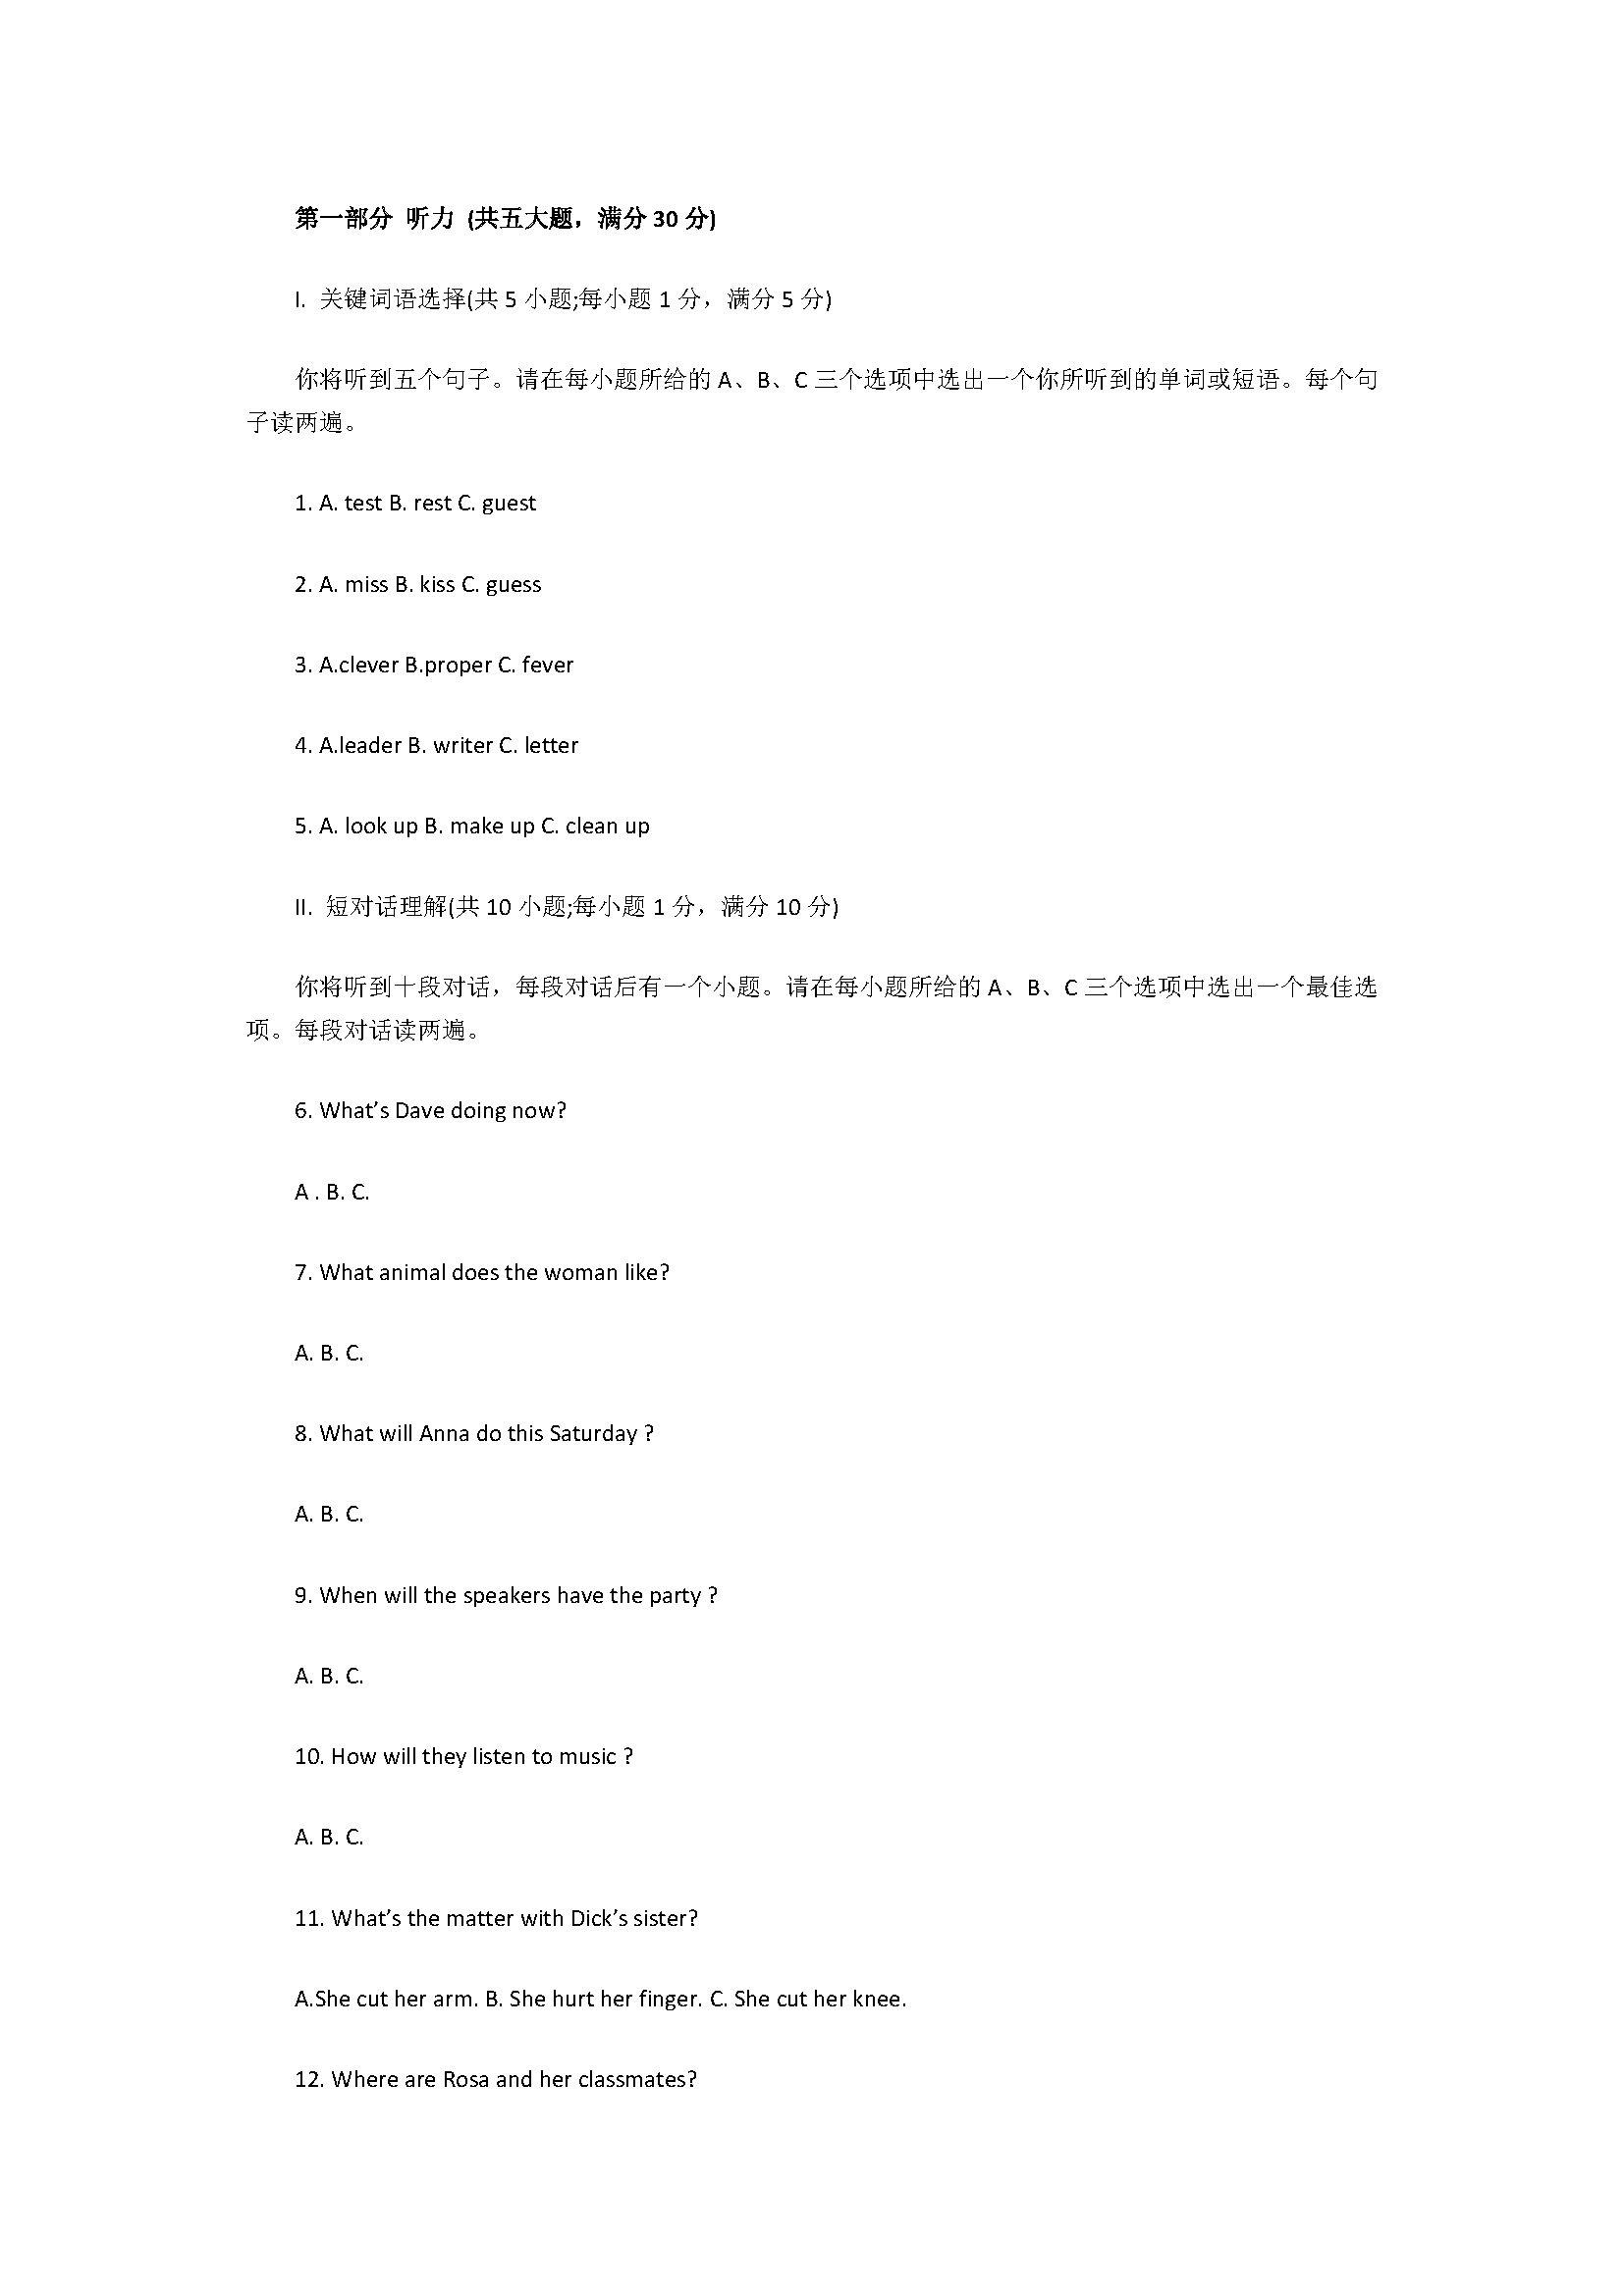 2018八年级英语下册期中试题含答案(阜阳师范学院附属中学)